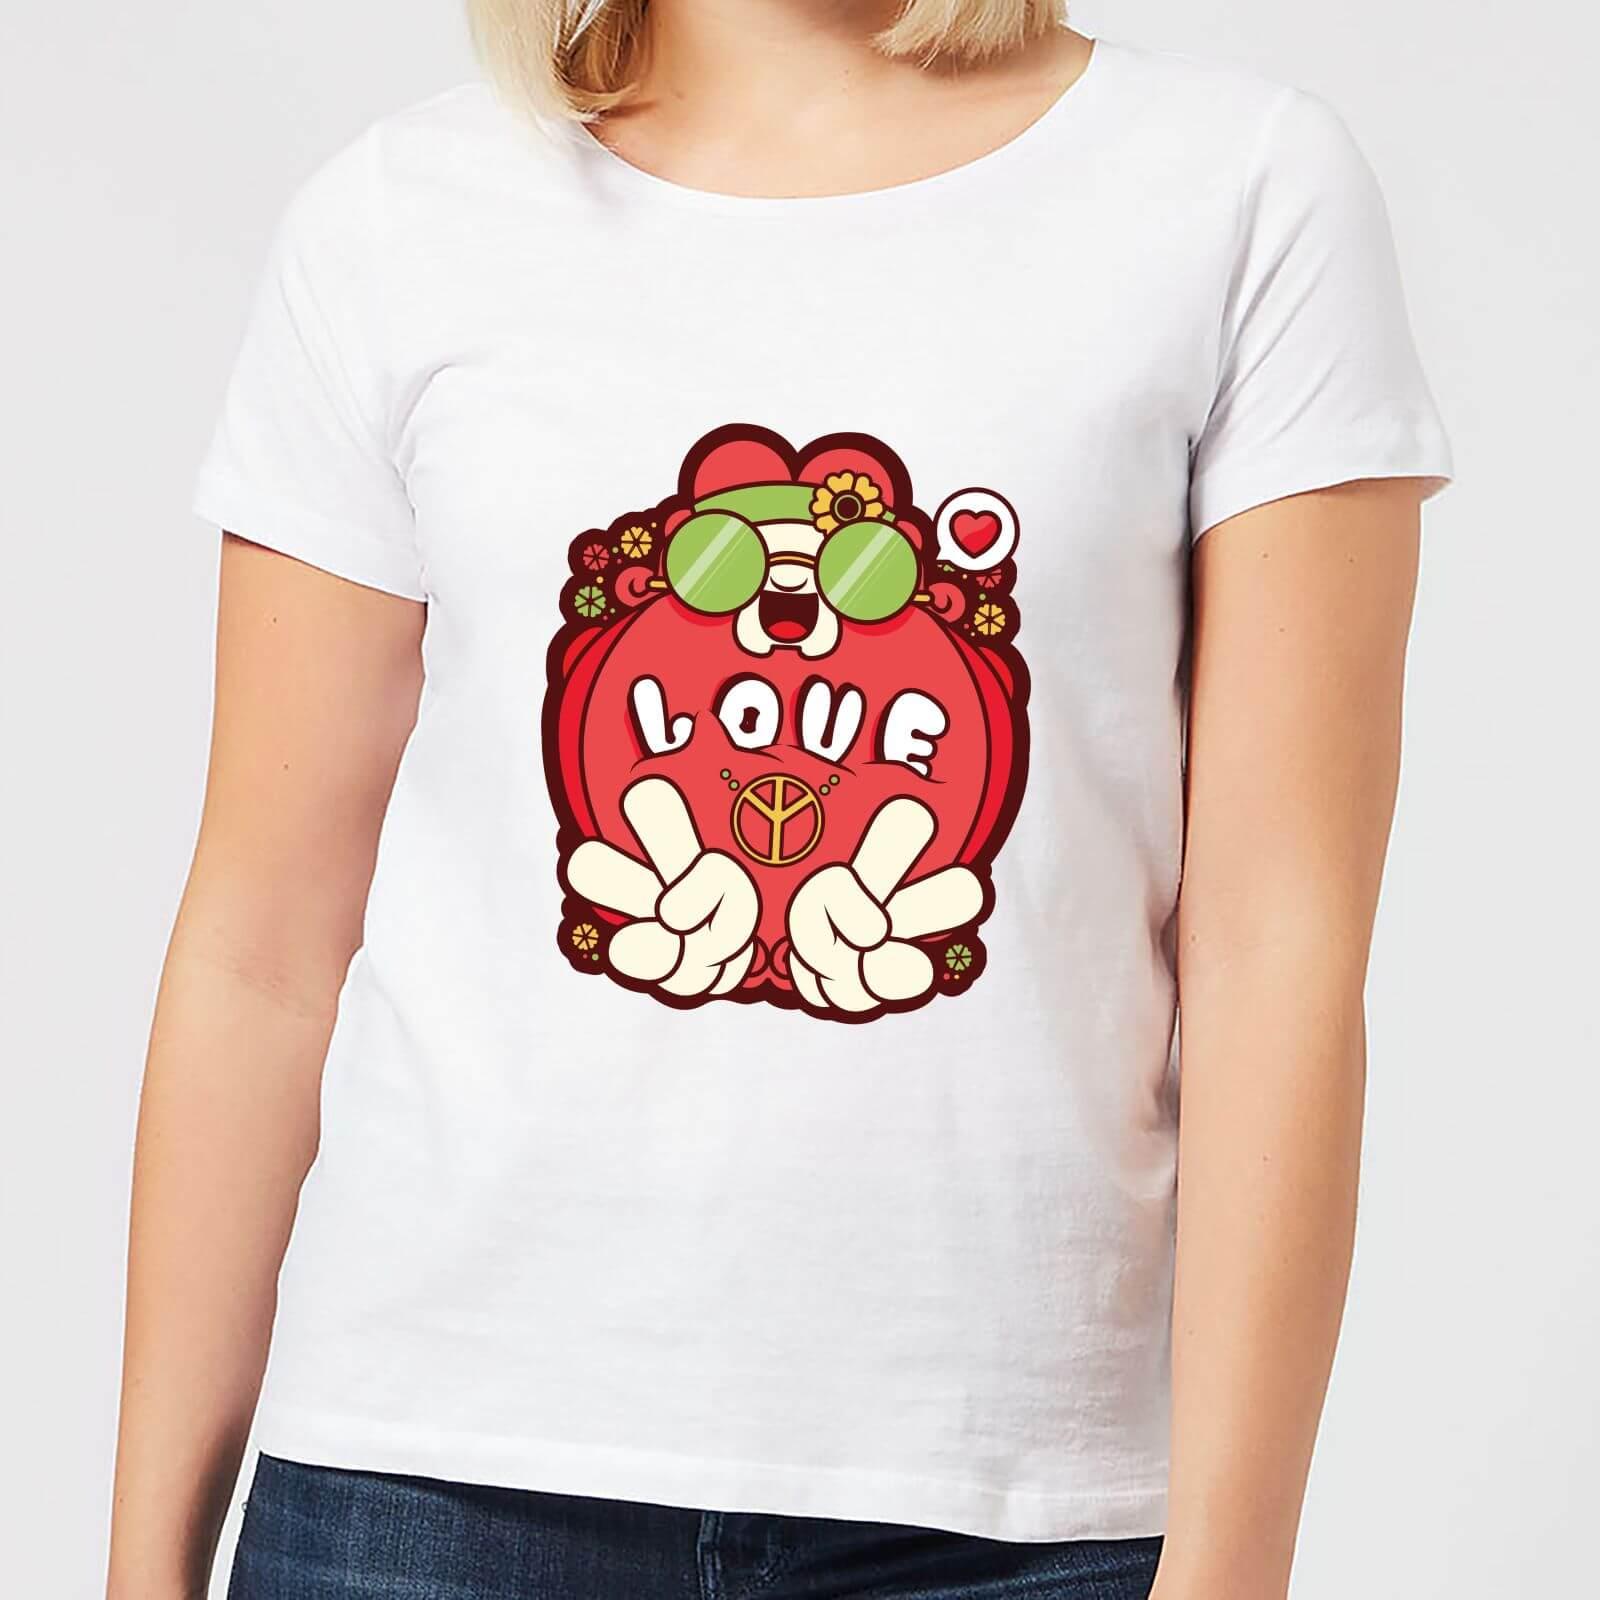 IWOOT Hippie Love Cartoon Women's T-Shirt - White - XS - White